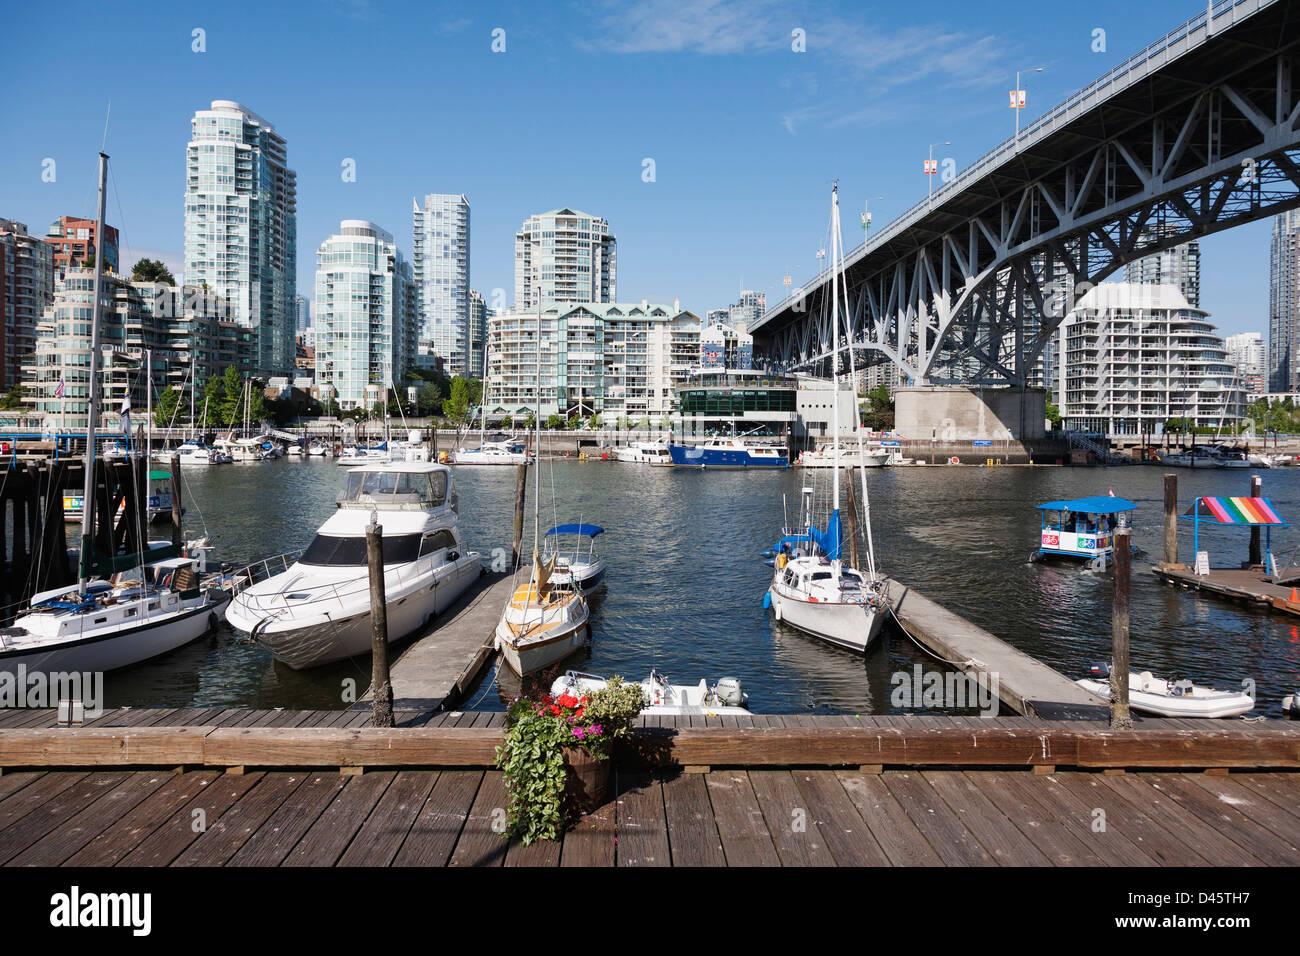 Bateaux amarrés à Granville Island, Vancouver, British Columbia, Canada Photo Stock